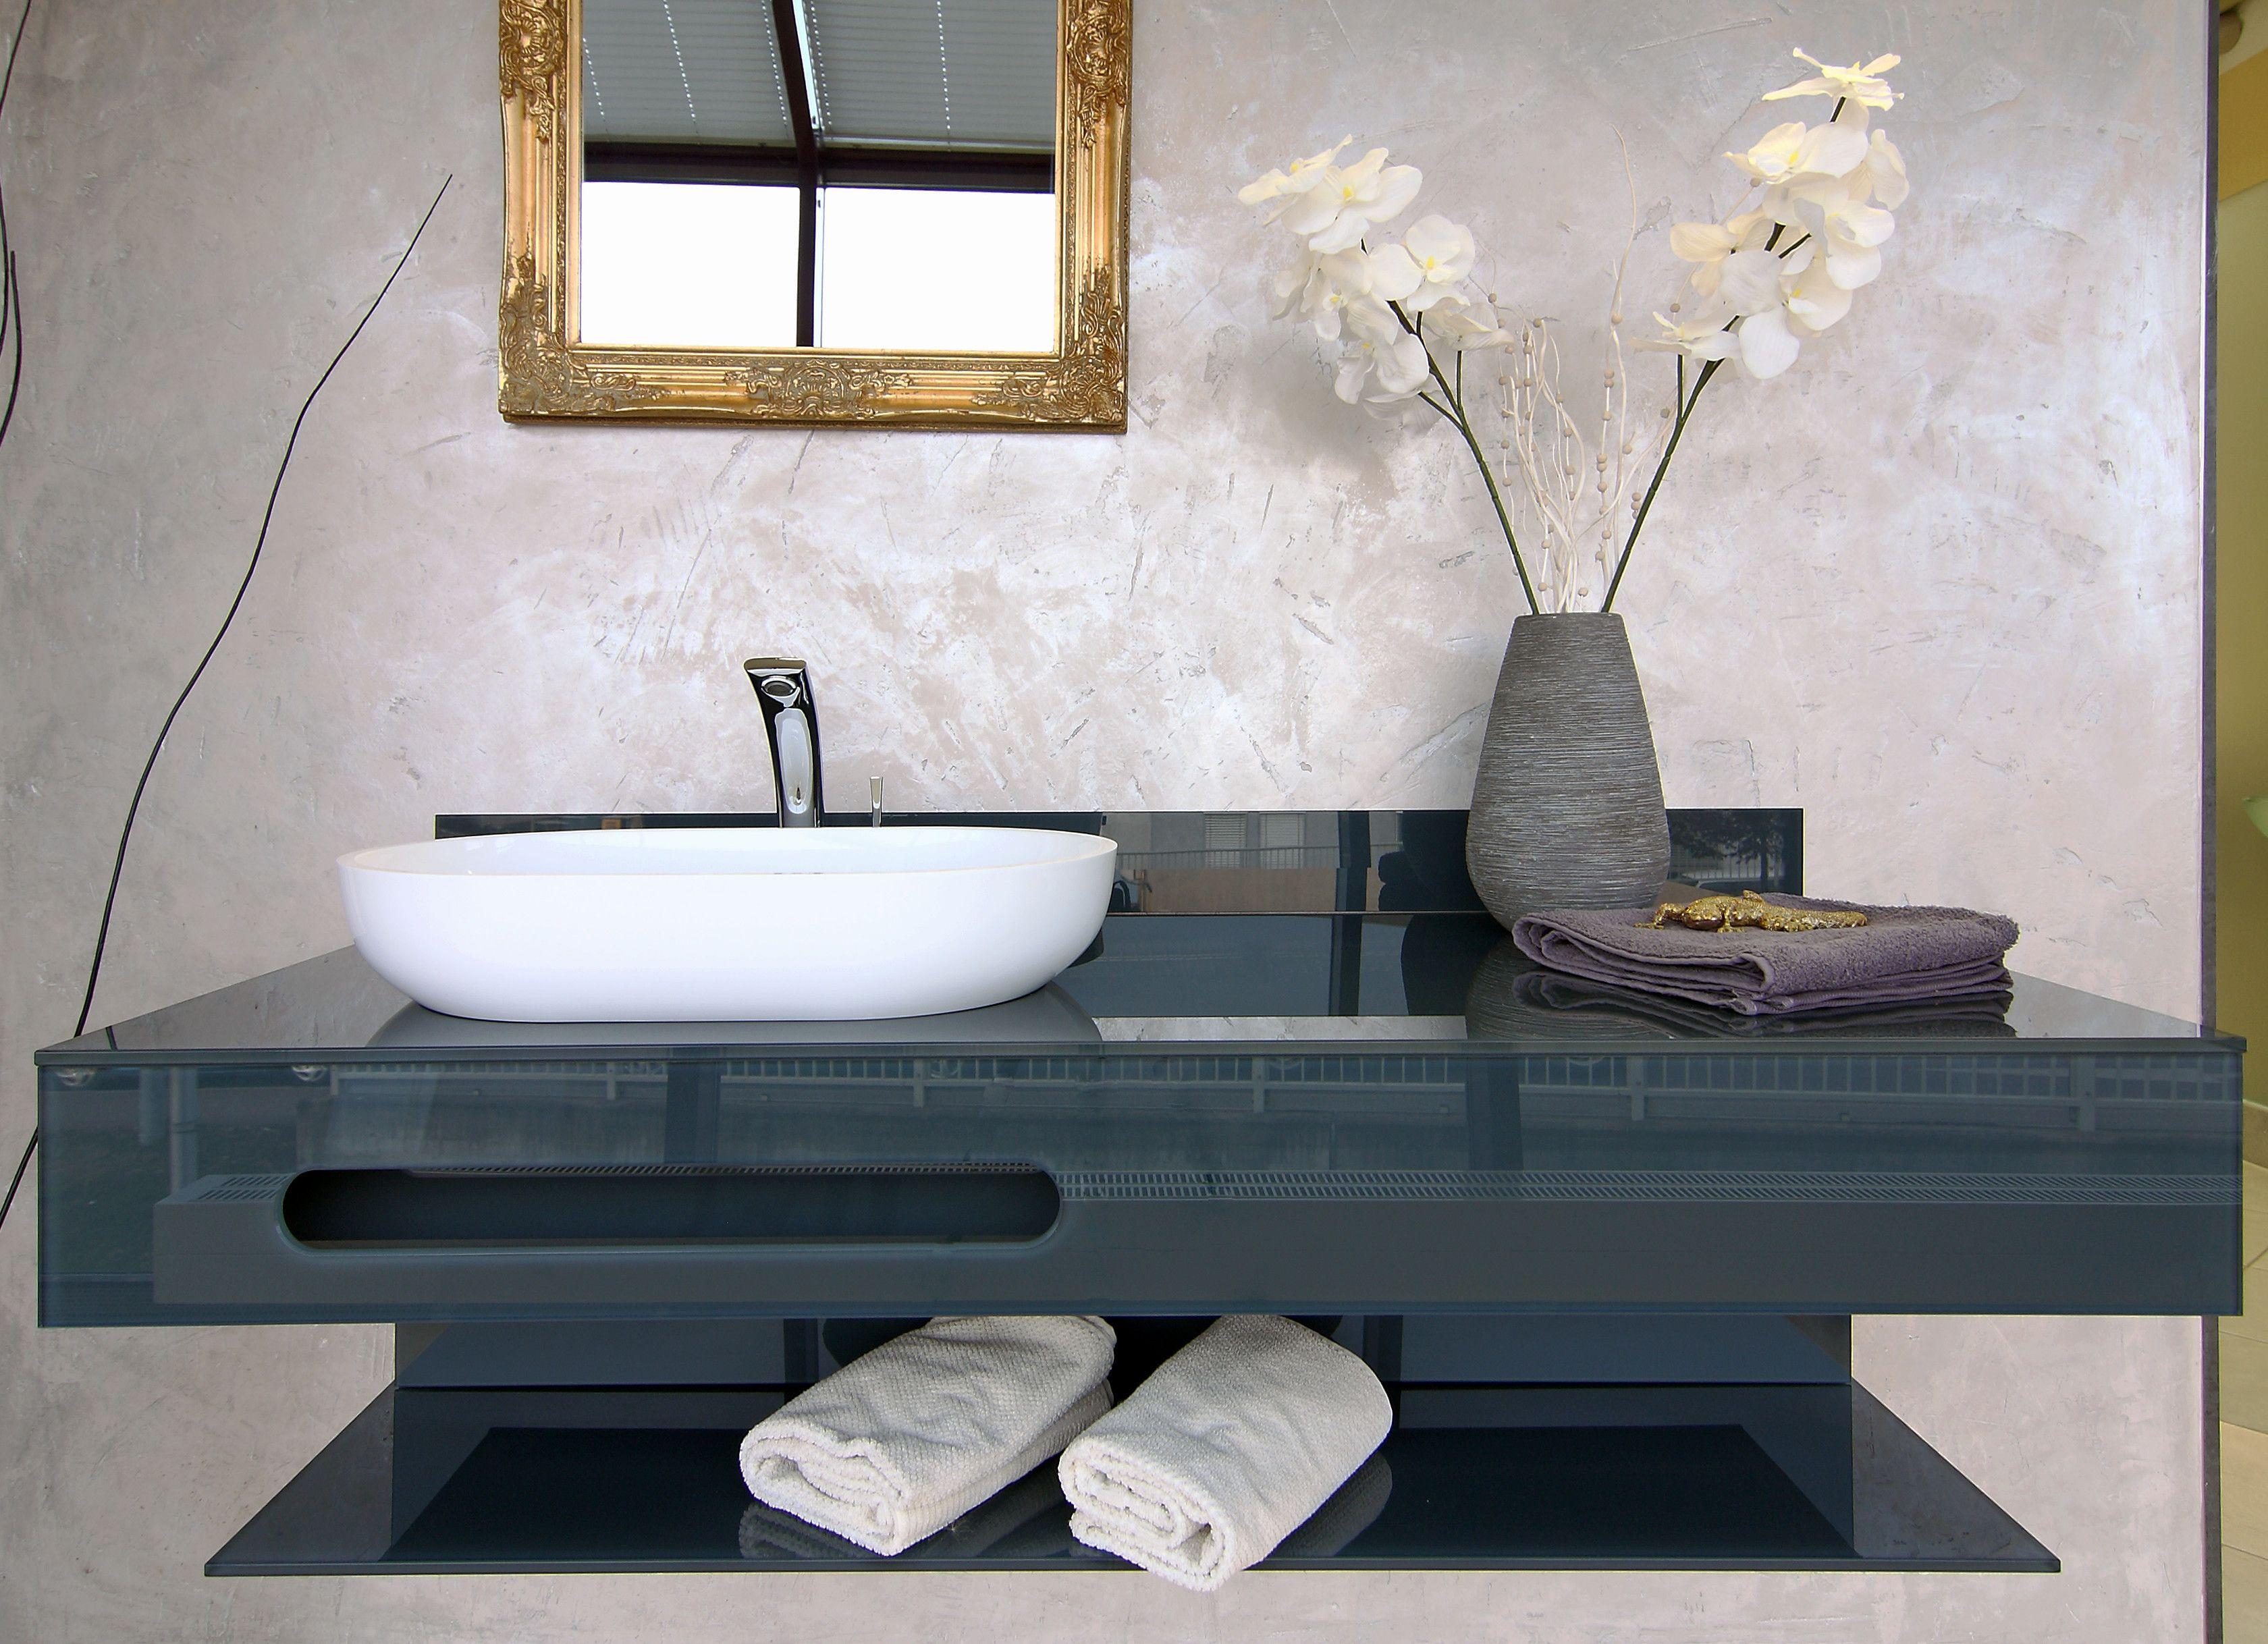 Edel: Der dunkle Waschtisch mit Aufsatzbecken und großzügiger Ablagefläche